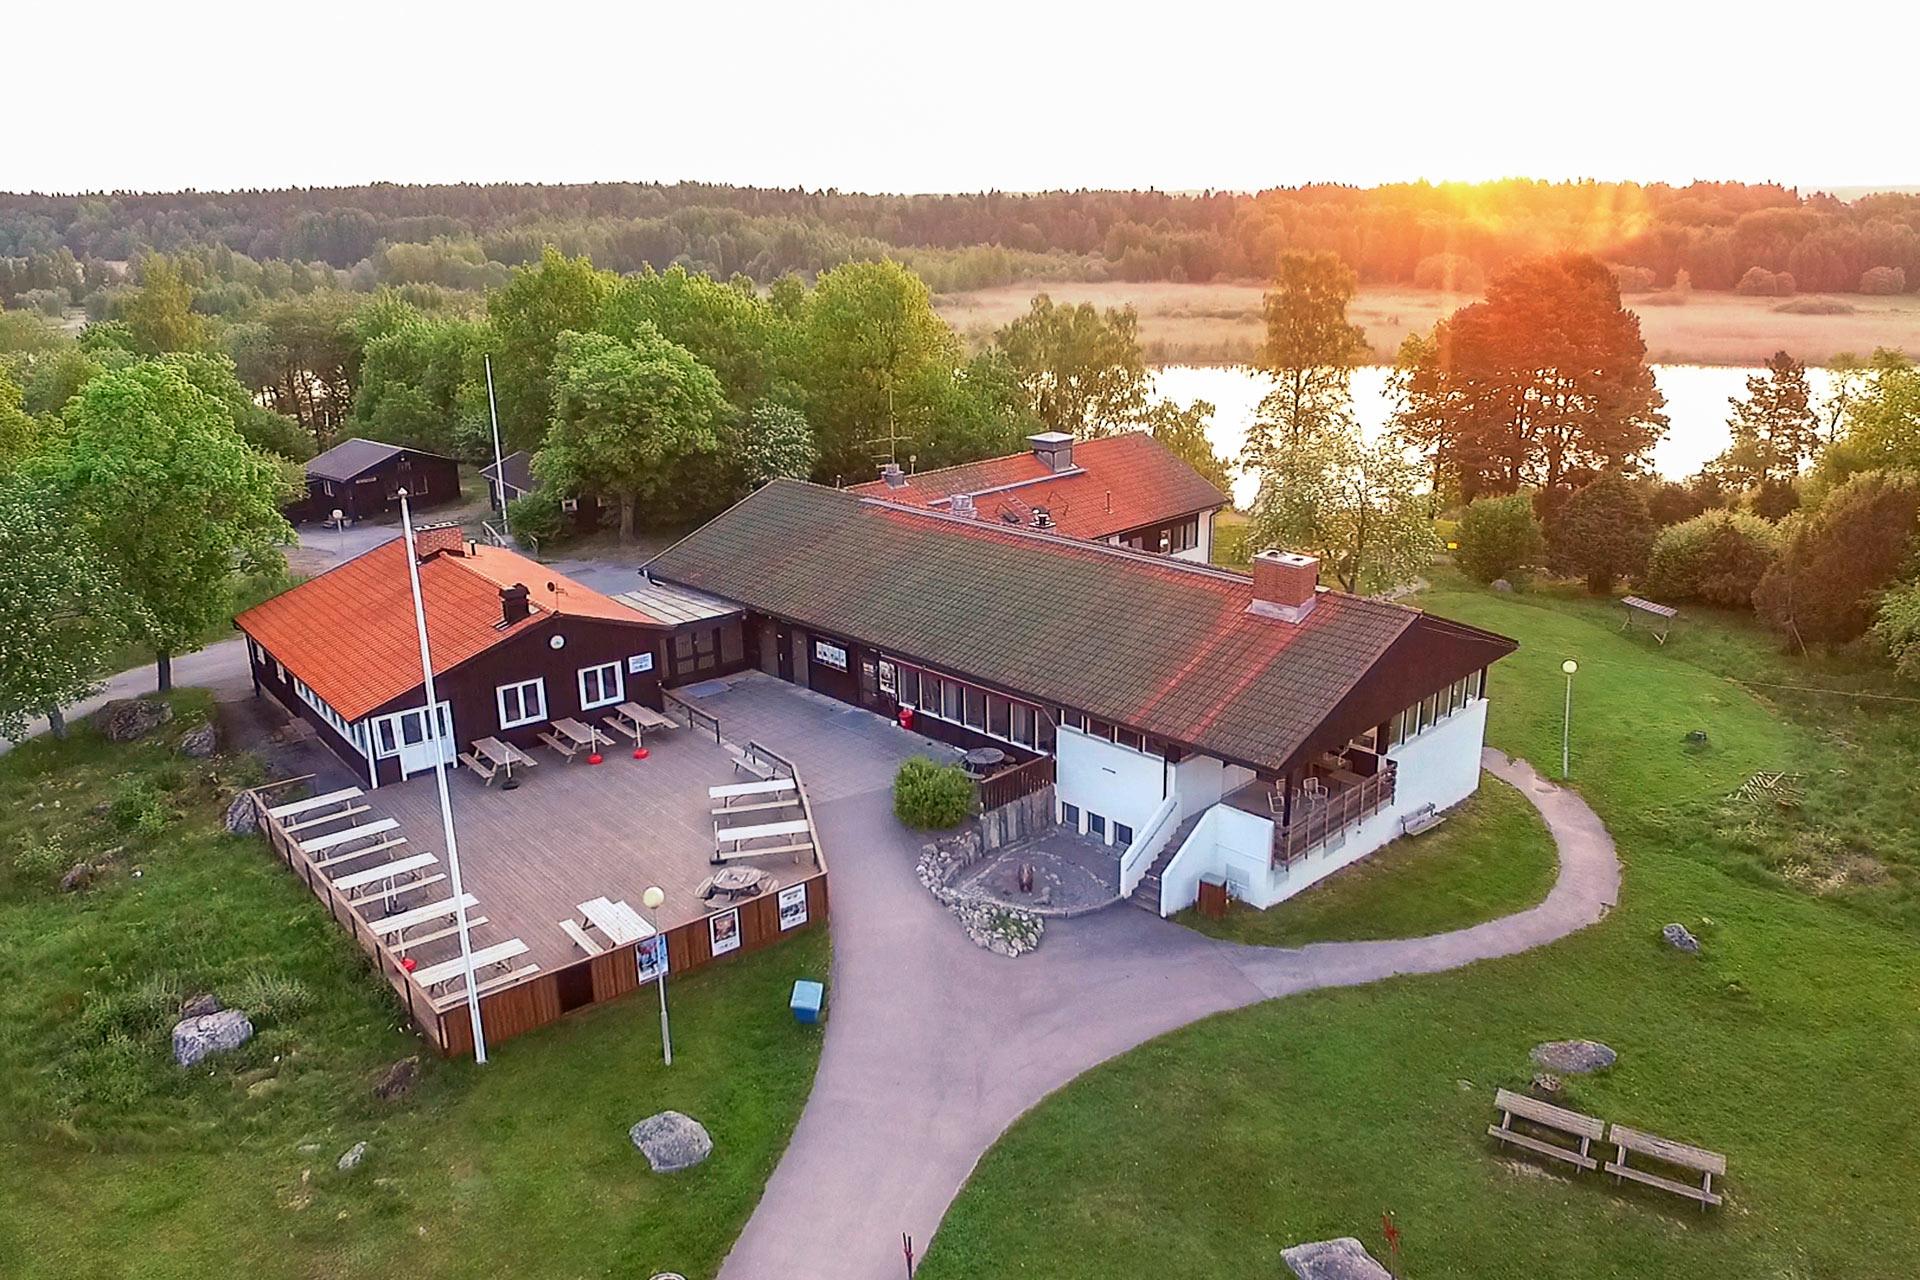 Björnögården på Björnö i Västerås en sommarkväll. Fotograf: Mia Bjorkstrom